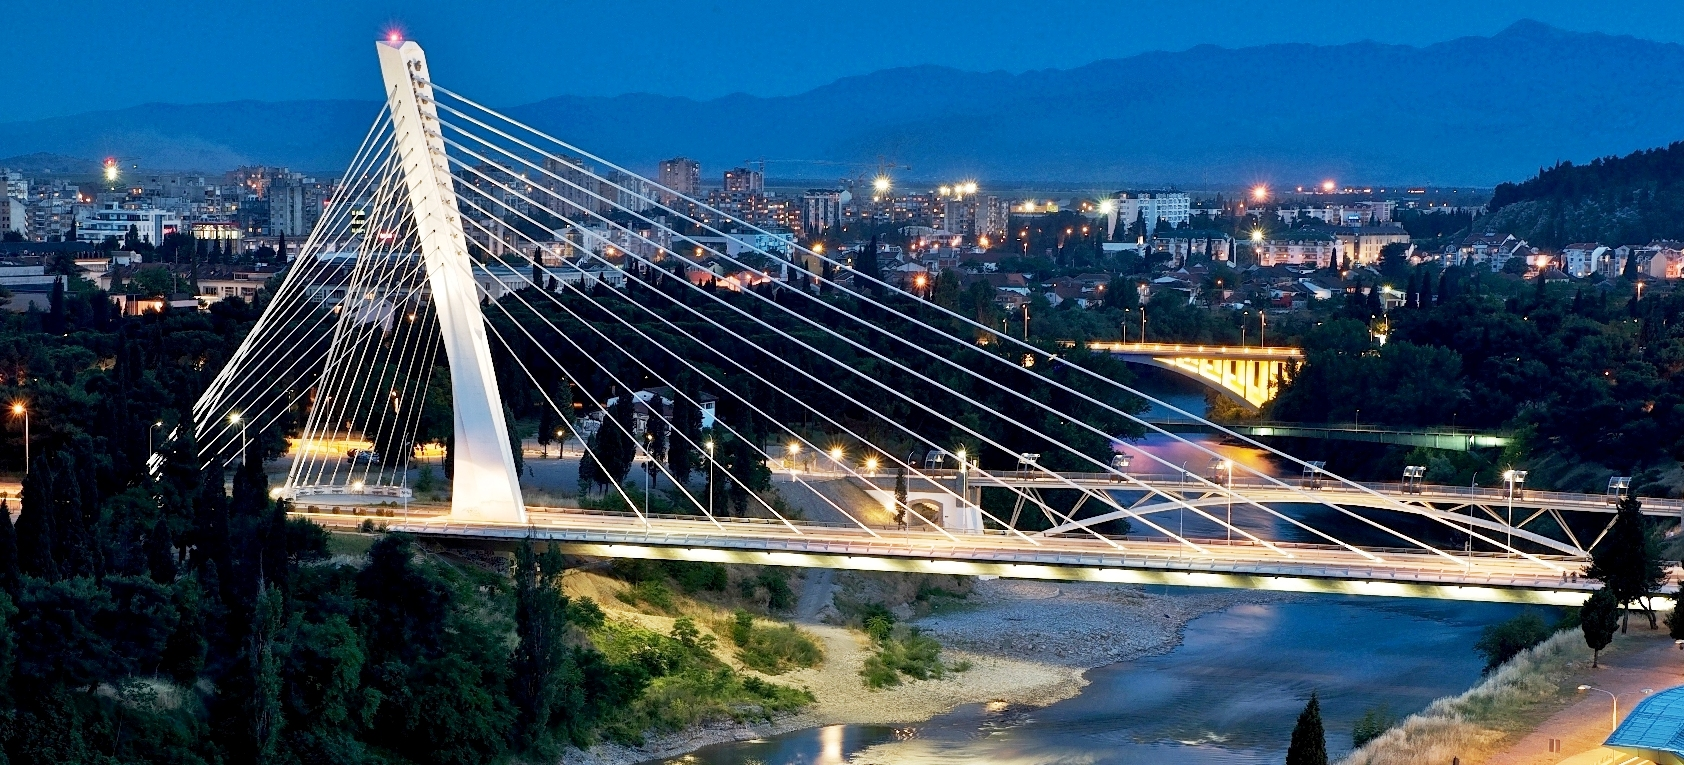 Transformers defend Podgorica in green art exhibit